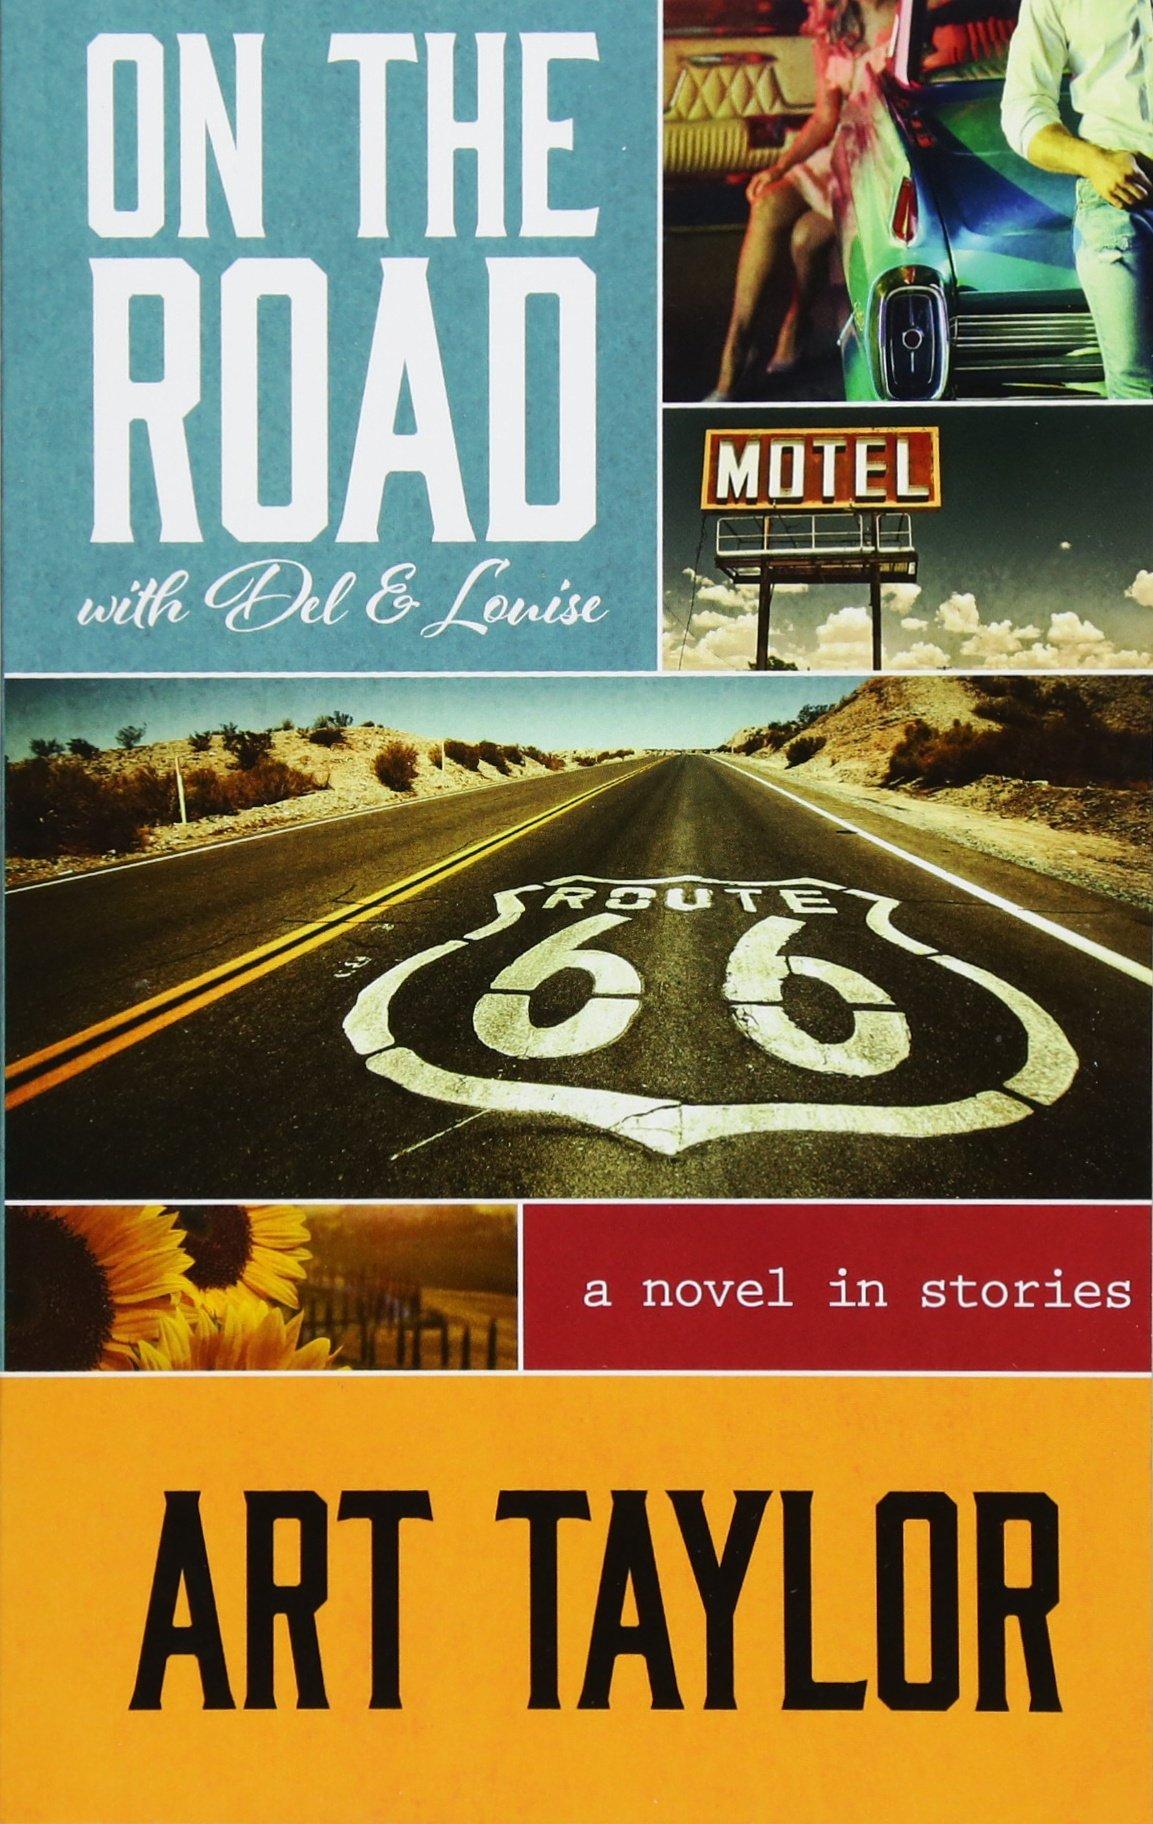 Glenwood Road: little short stories